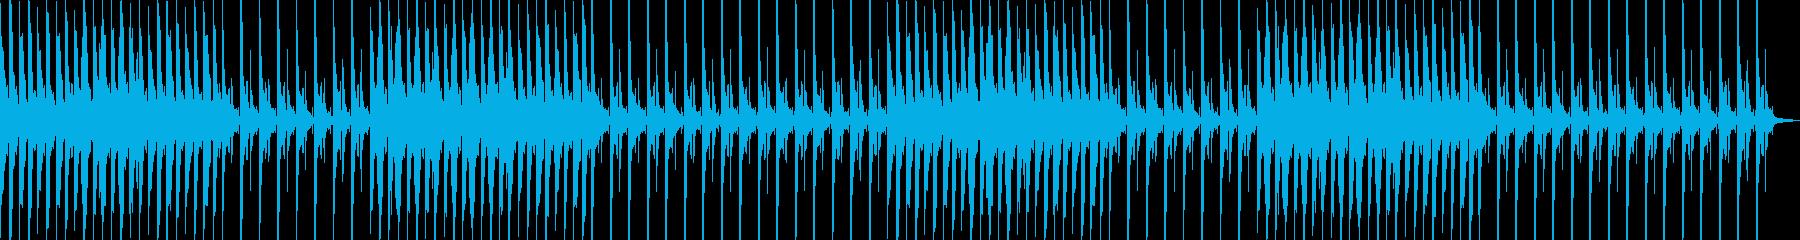 眠りを誘う癒やしのヒーリングピアノの再生済みの波形